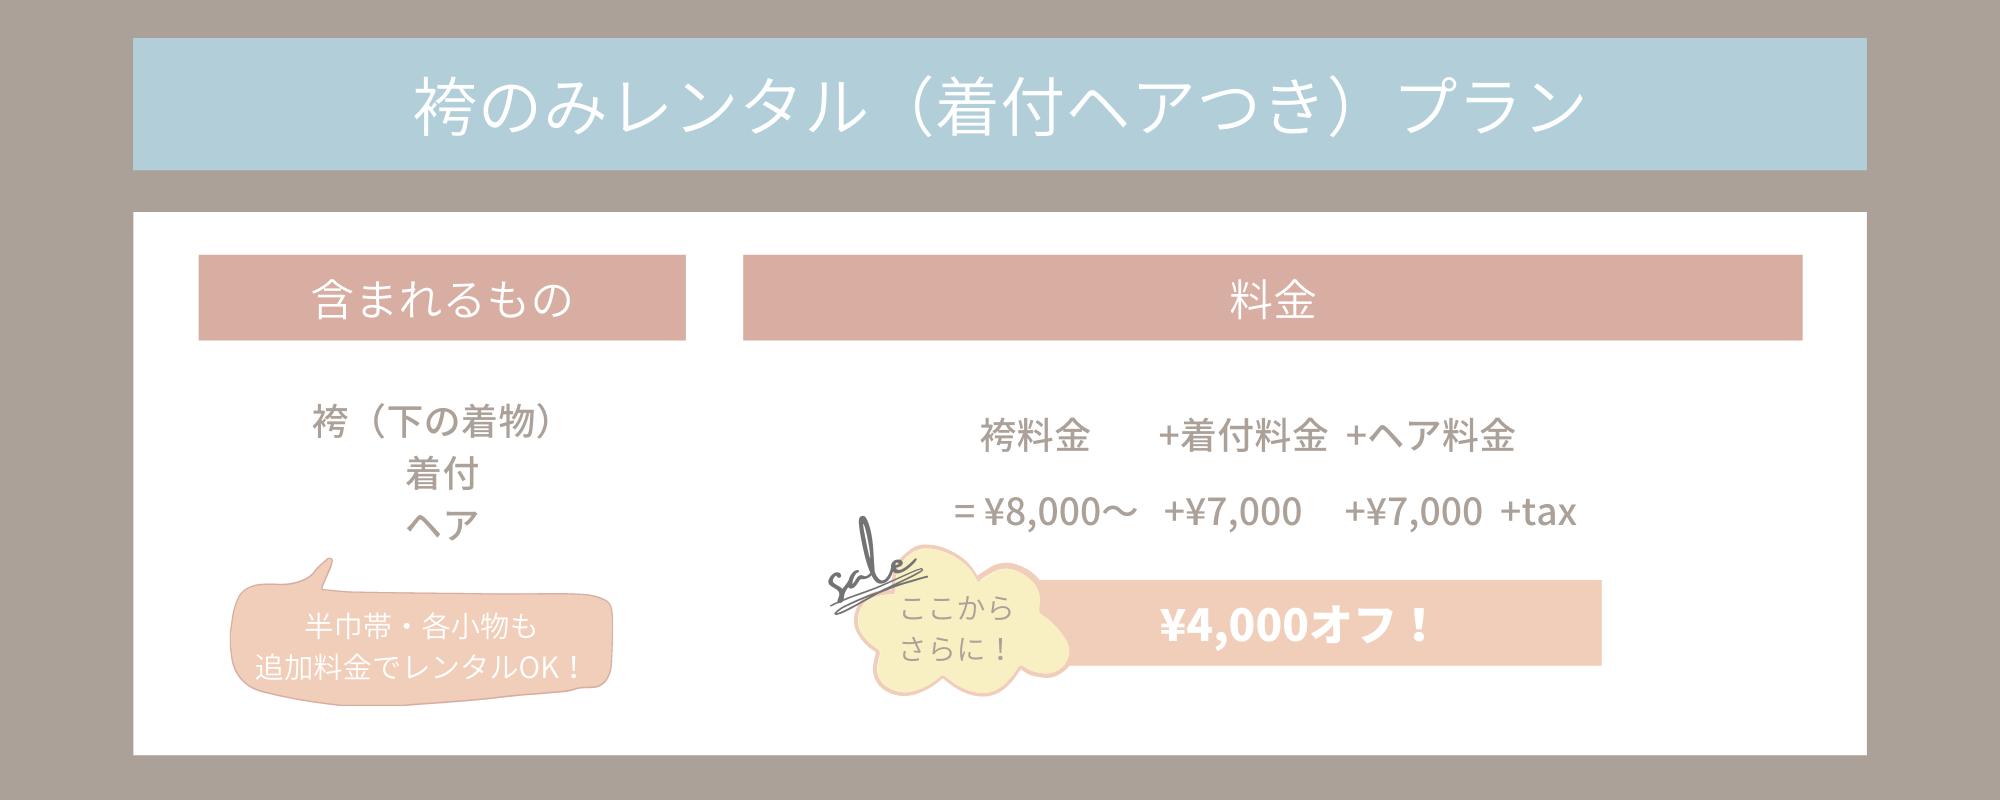 袴のみレンタル(着付ヘアつき)プラン 総額から4000円オフ